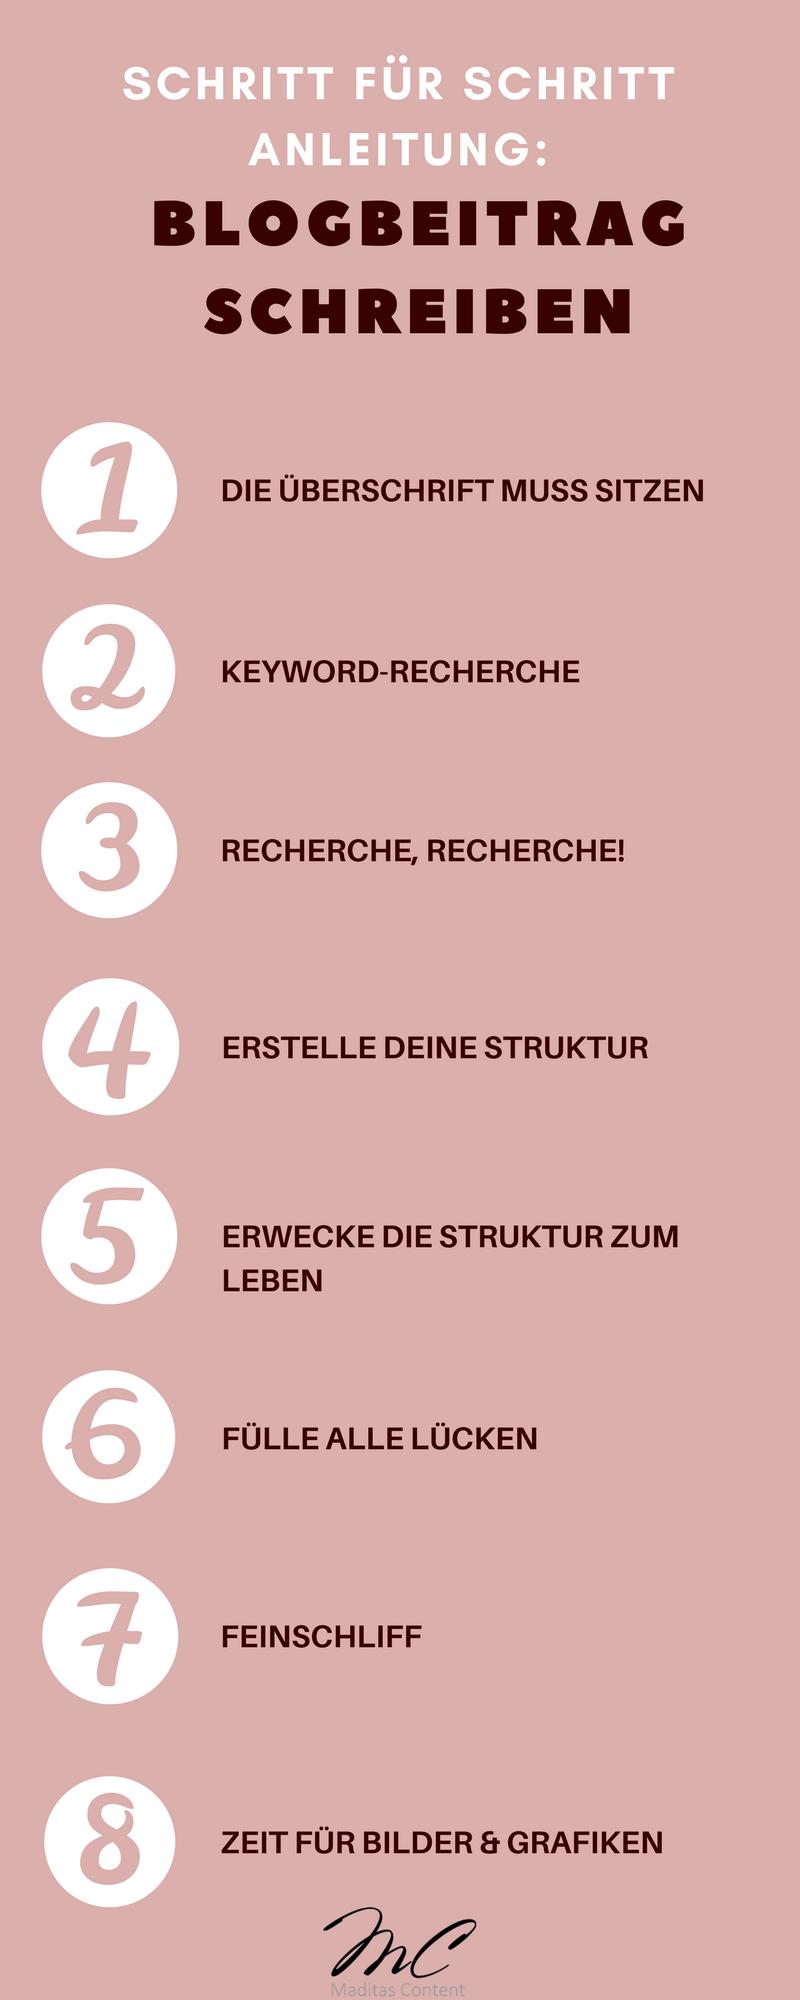 Blogartikel schreiben - aber richtig | maditas-content.de